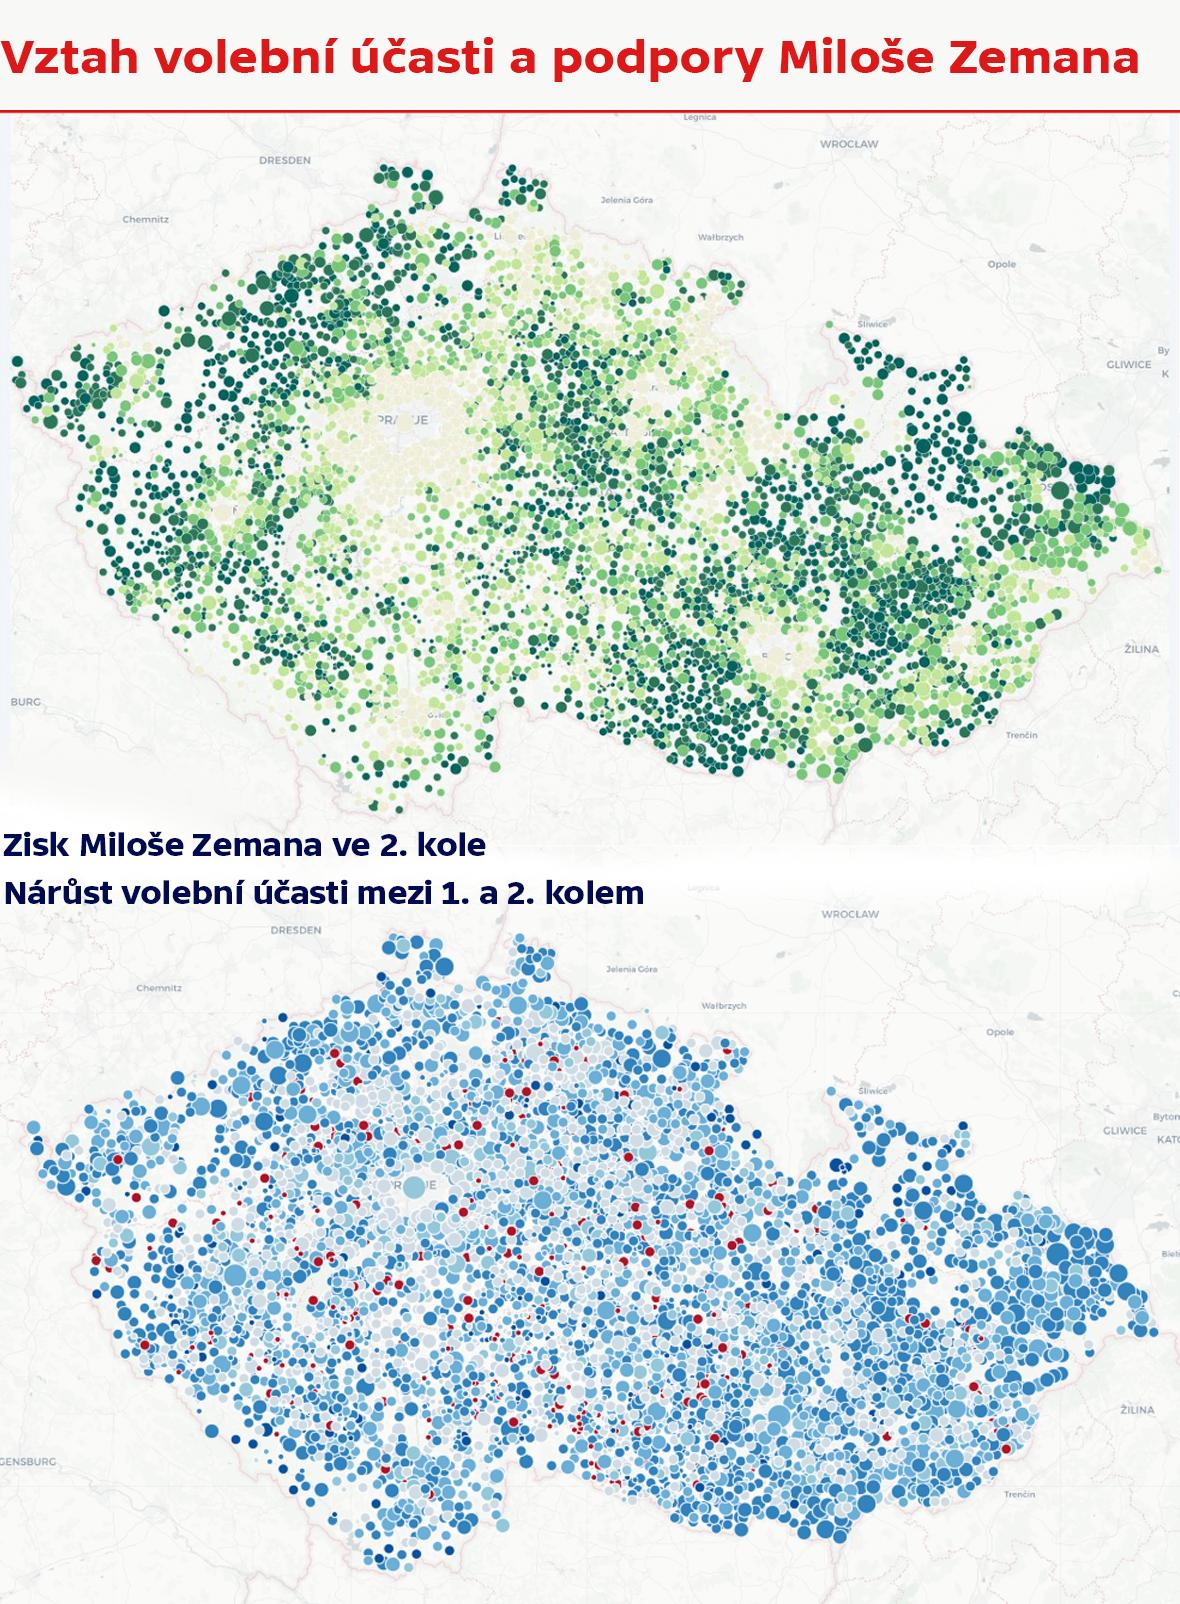 Vztah volební účasti a podpory Miloše Zemana